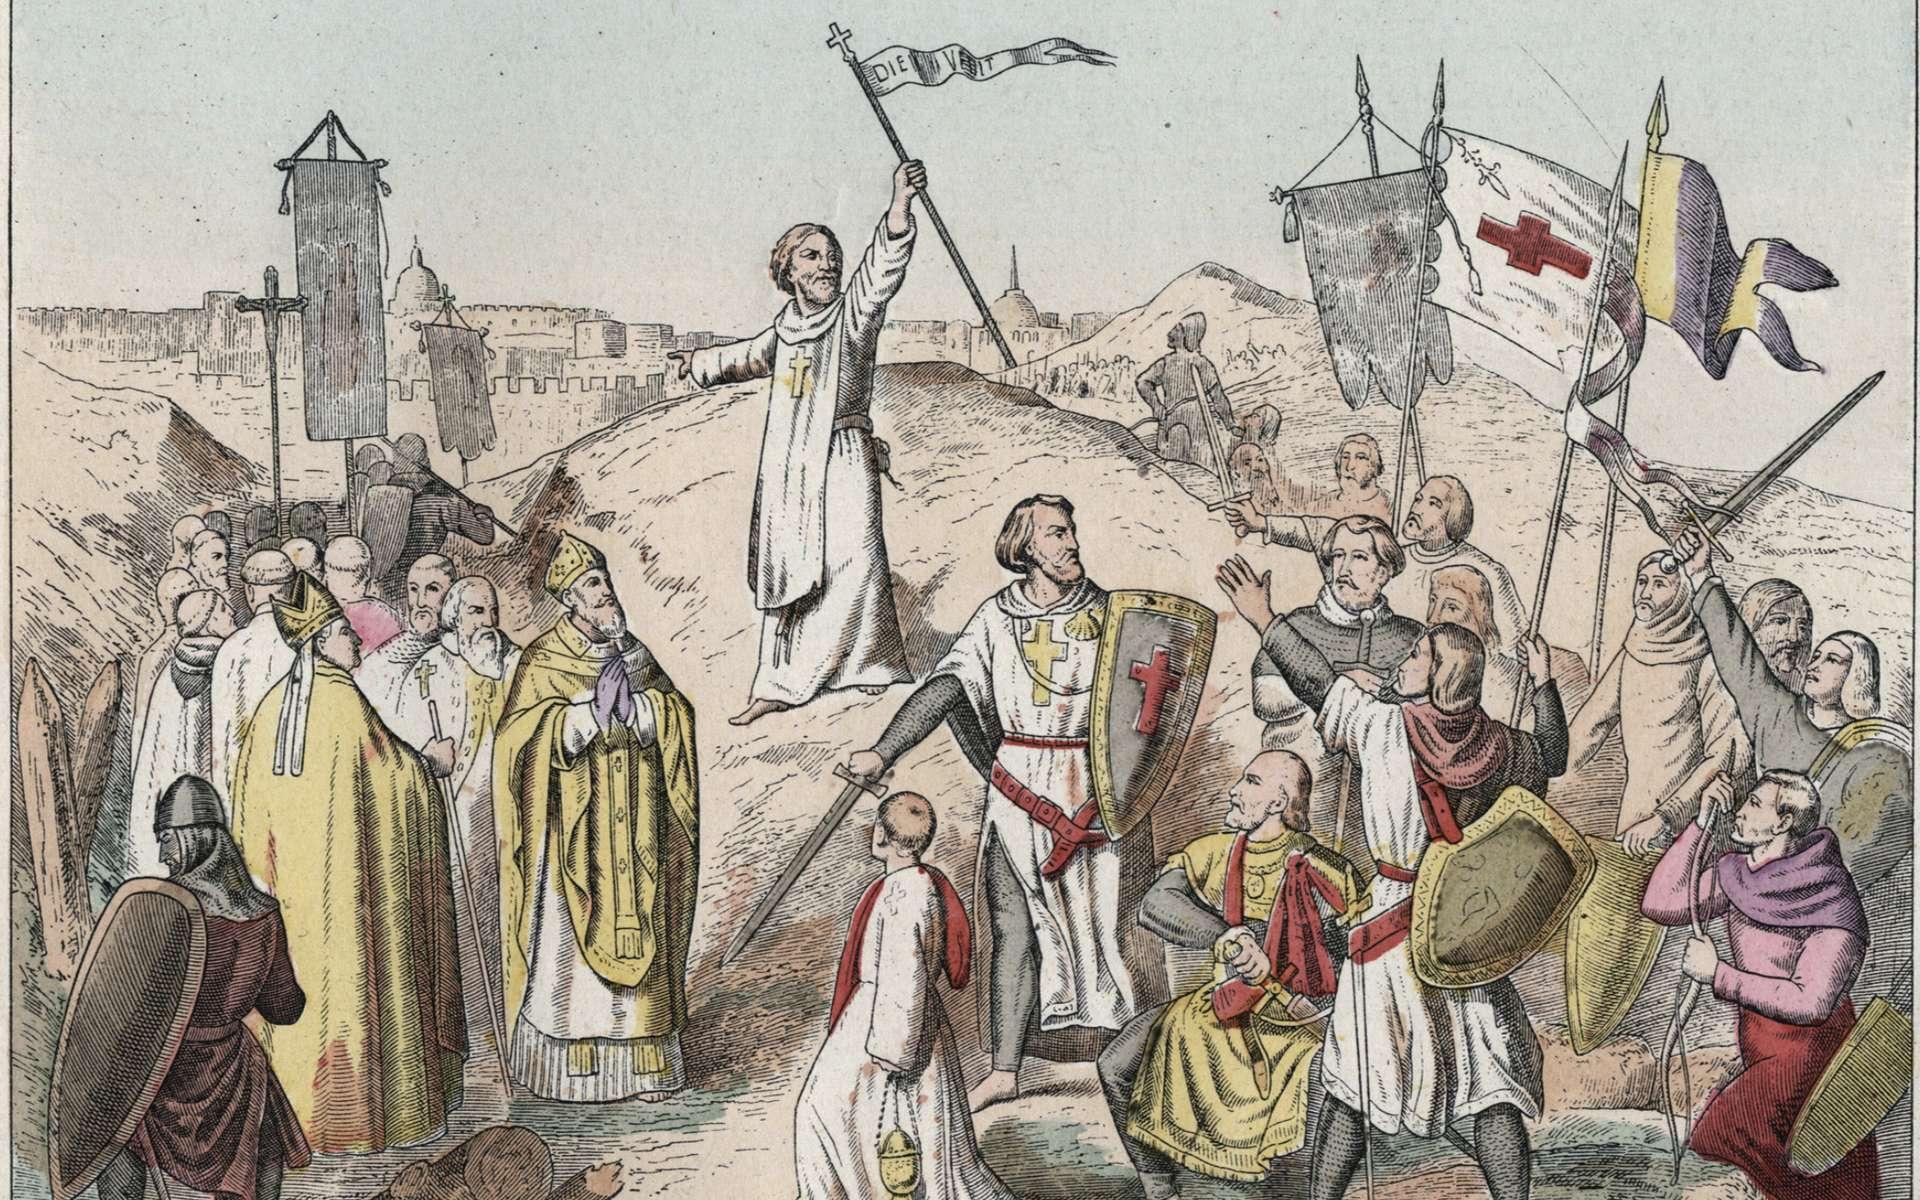 Première croisade : le siège et la prise de Jérusalem par les croisés menés par Godefroy. © RTS, Google images